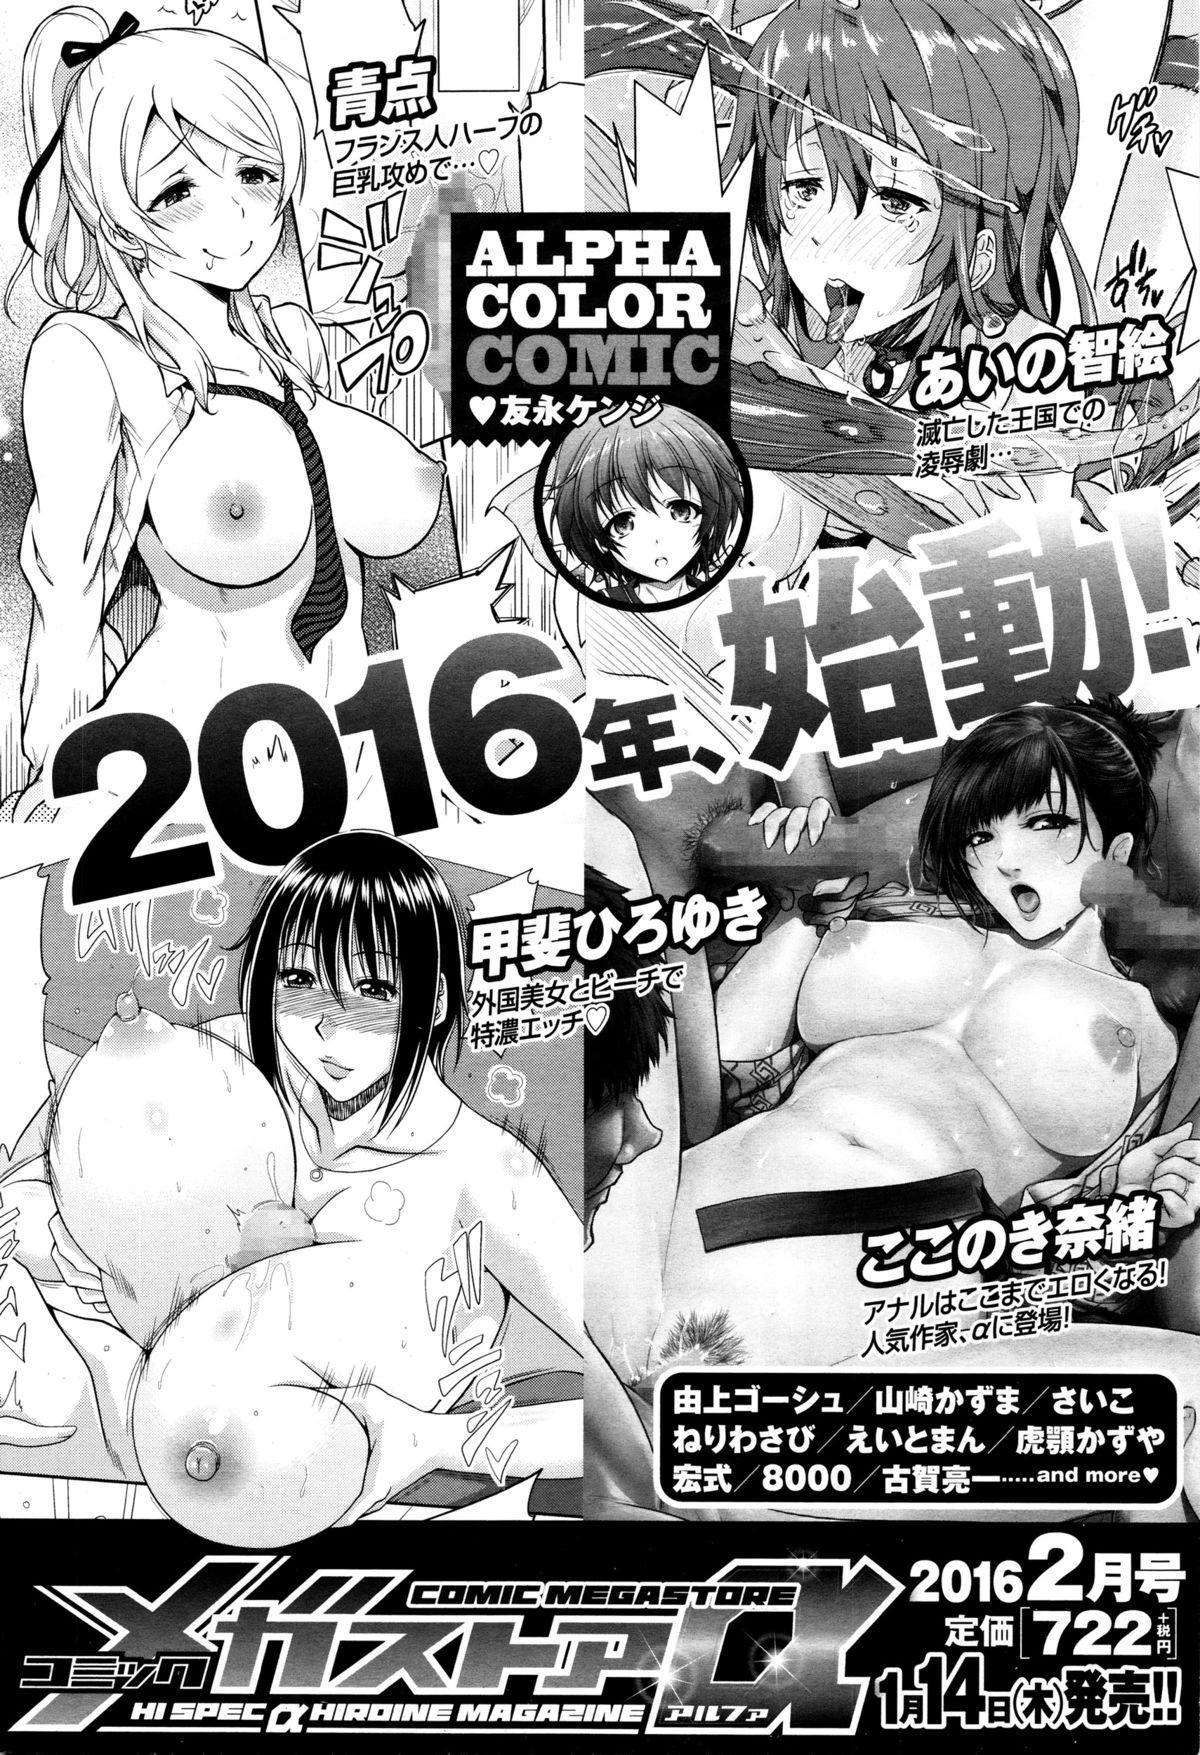 COMIC Megastore Alpha 2016-01 465